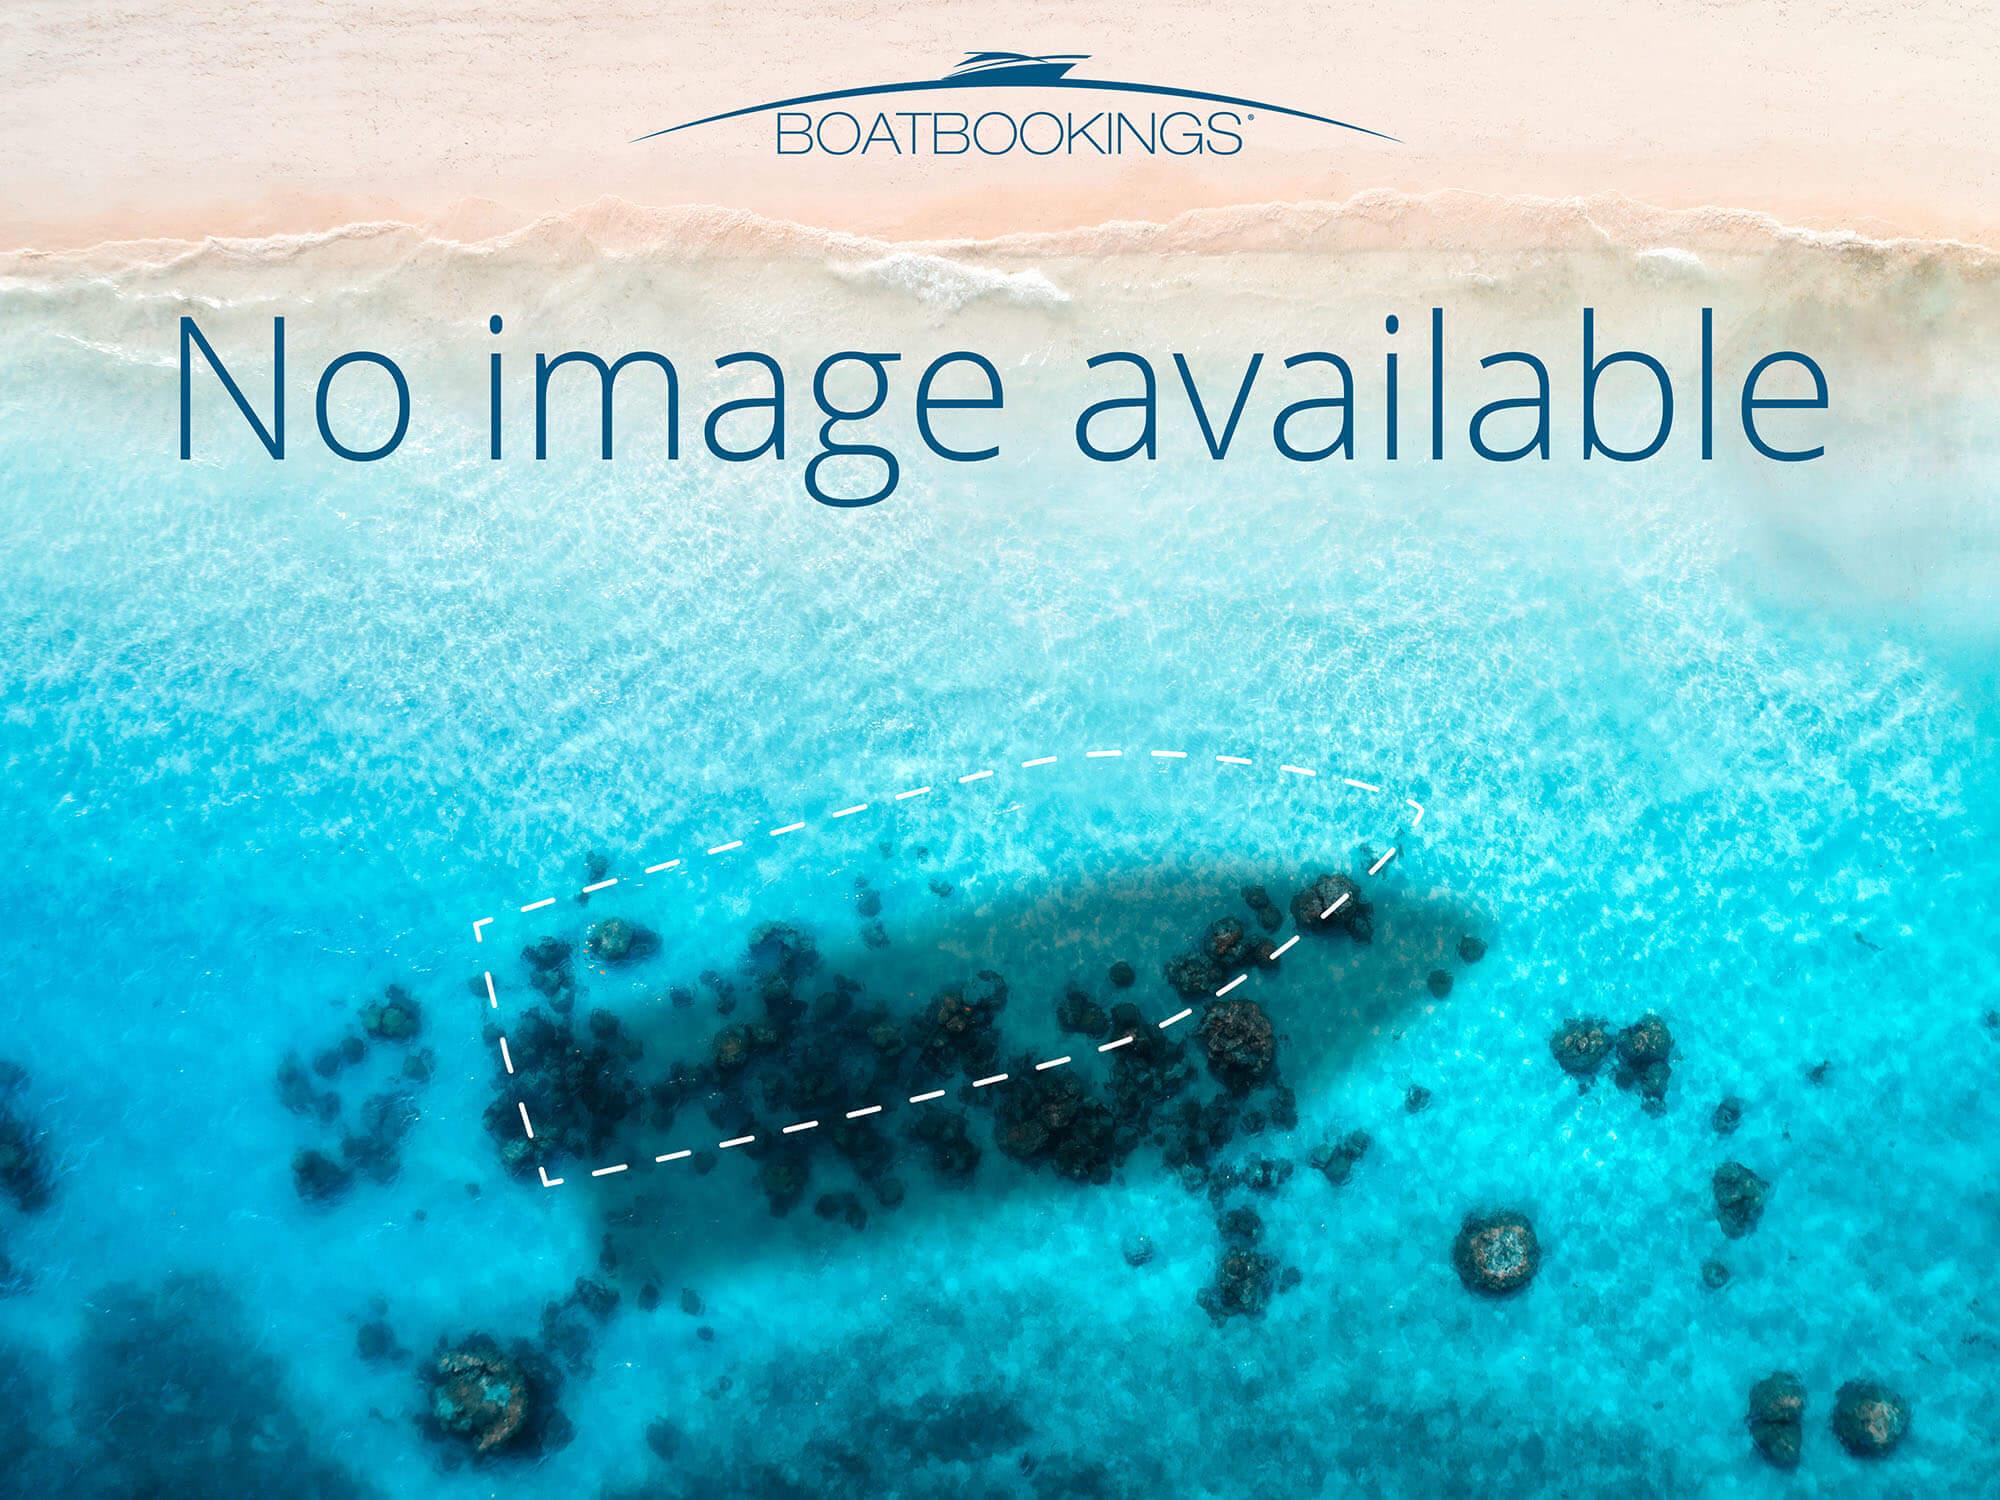 LUCKY CLOVER - Lagoon 52 - 6 Cabins - Athens - Mykonos - Lefkas